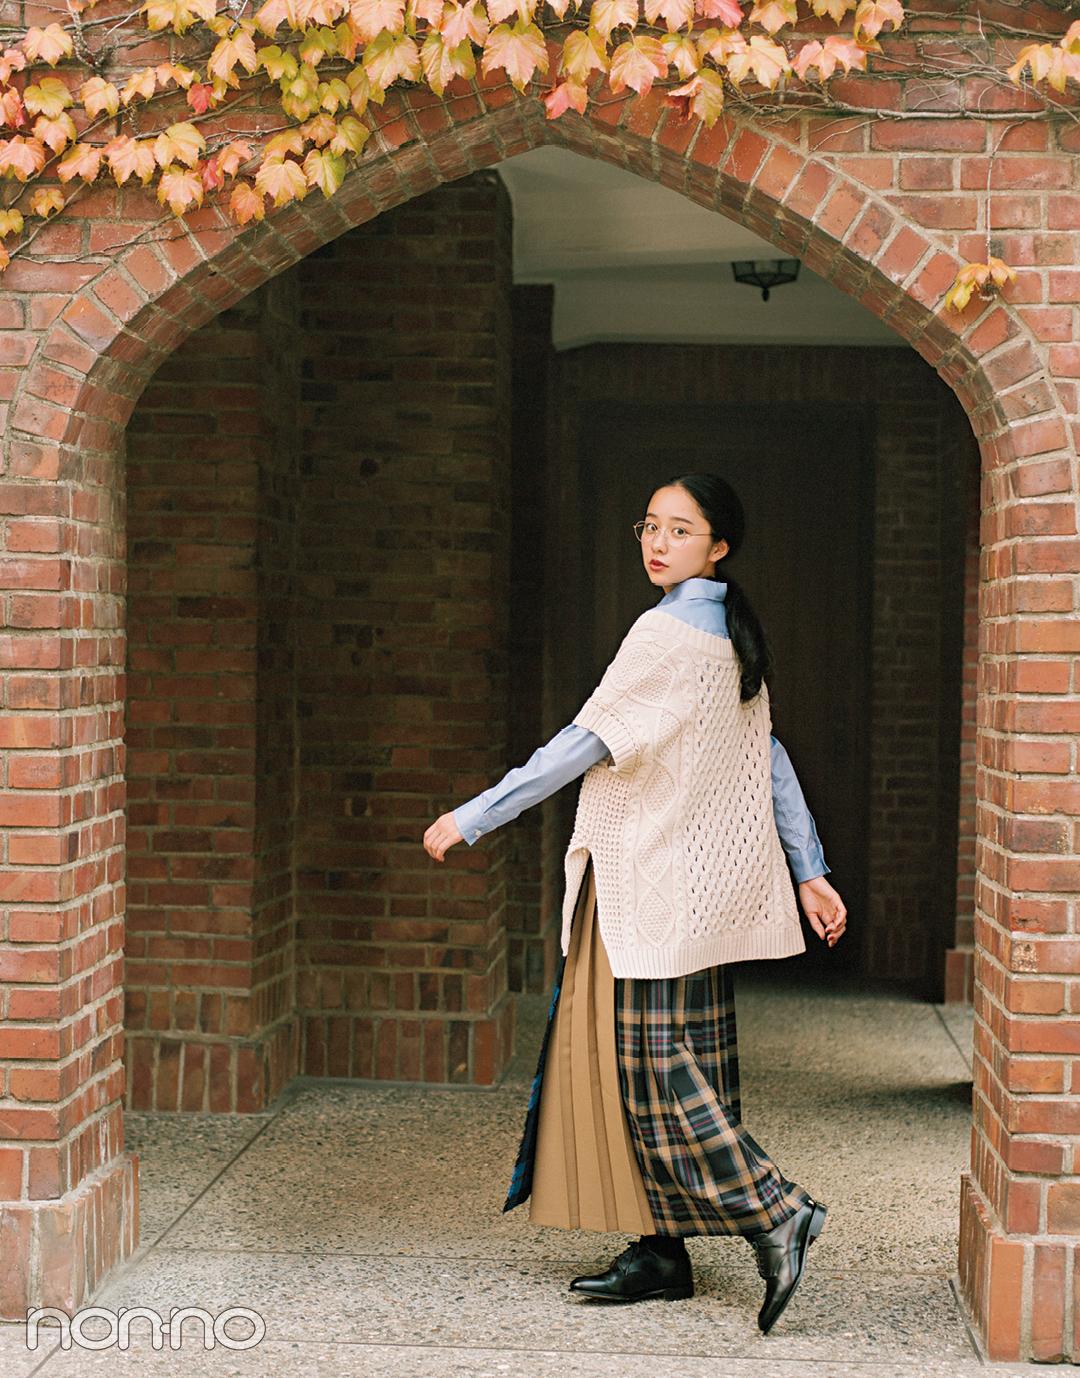 おしゃれで話題の女優・堀田真由がモデルに挑戦★ 英国ガールに変身! _1_2